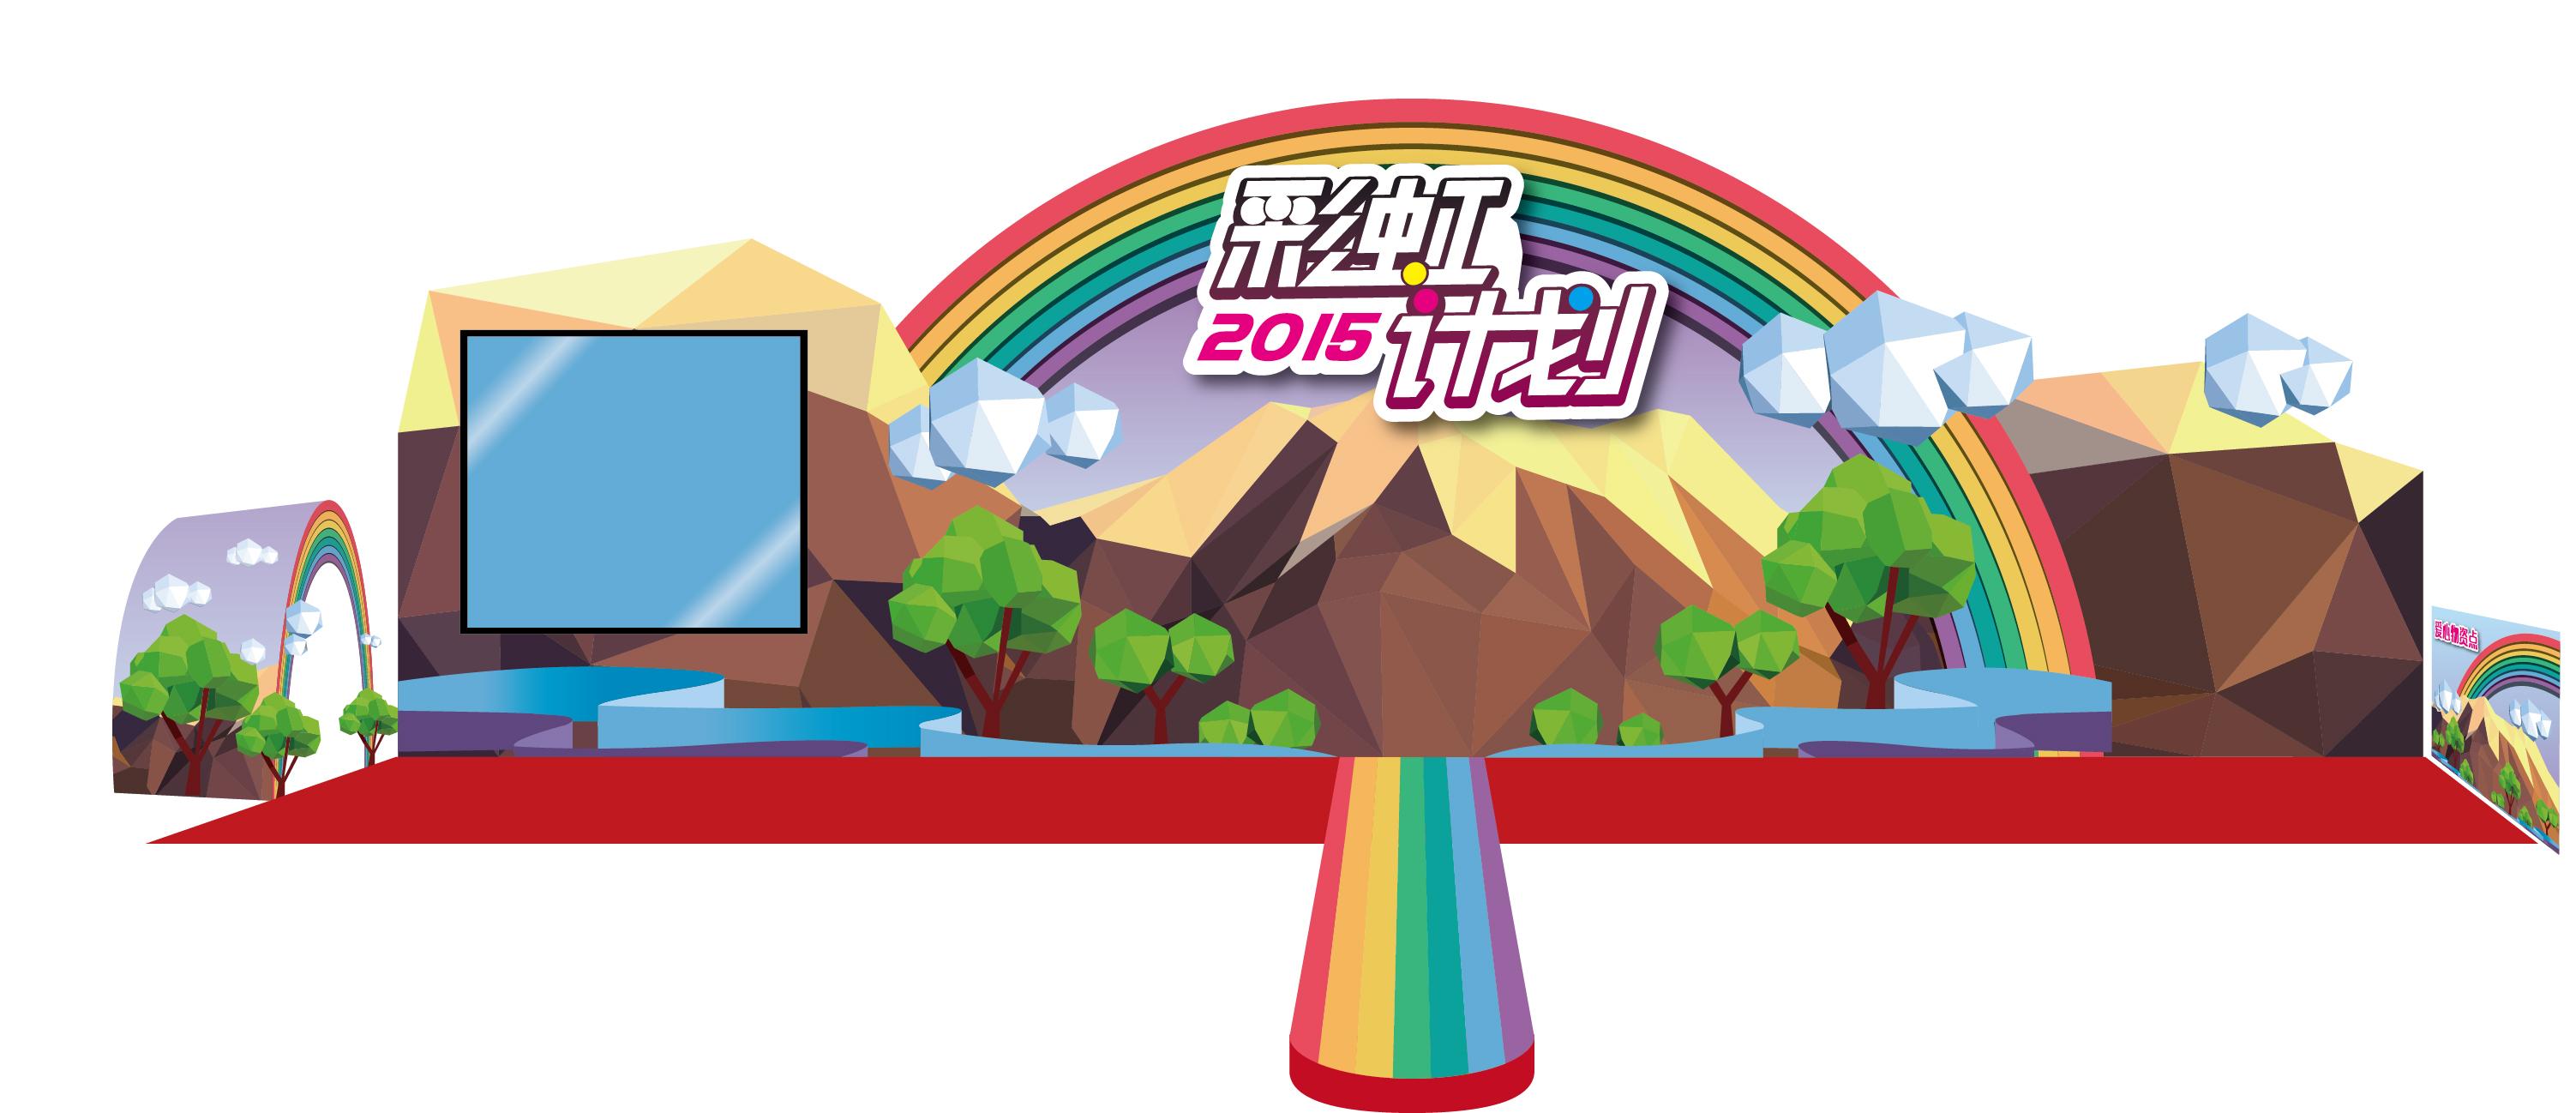 2015彩虹计划活动设计